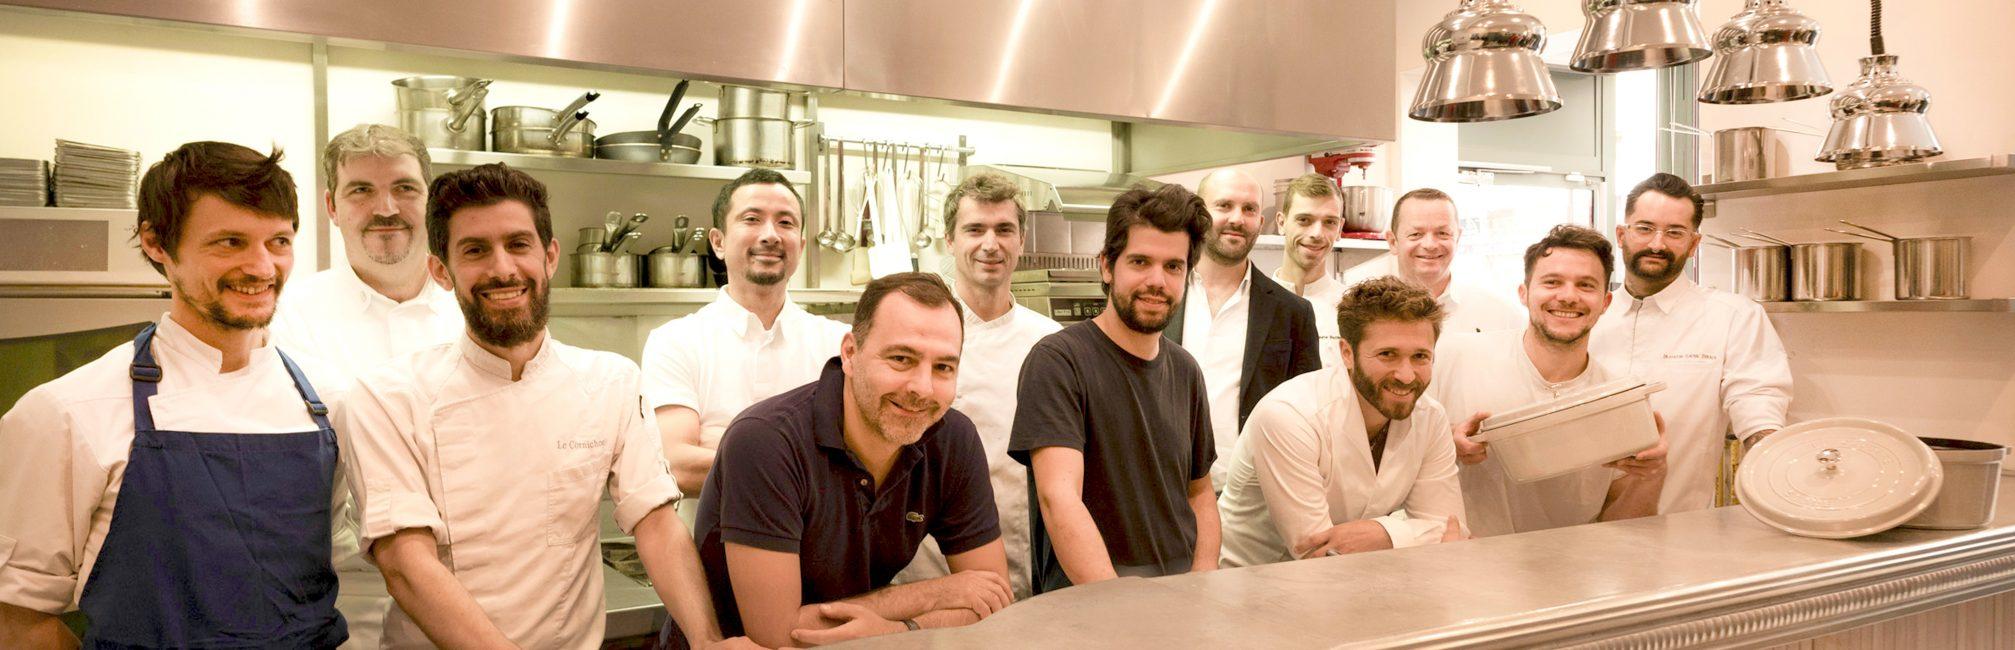 LGBDN-bandeau-chefs-site-1